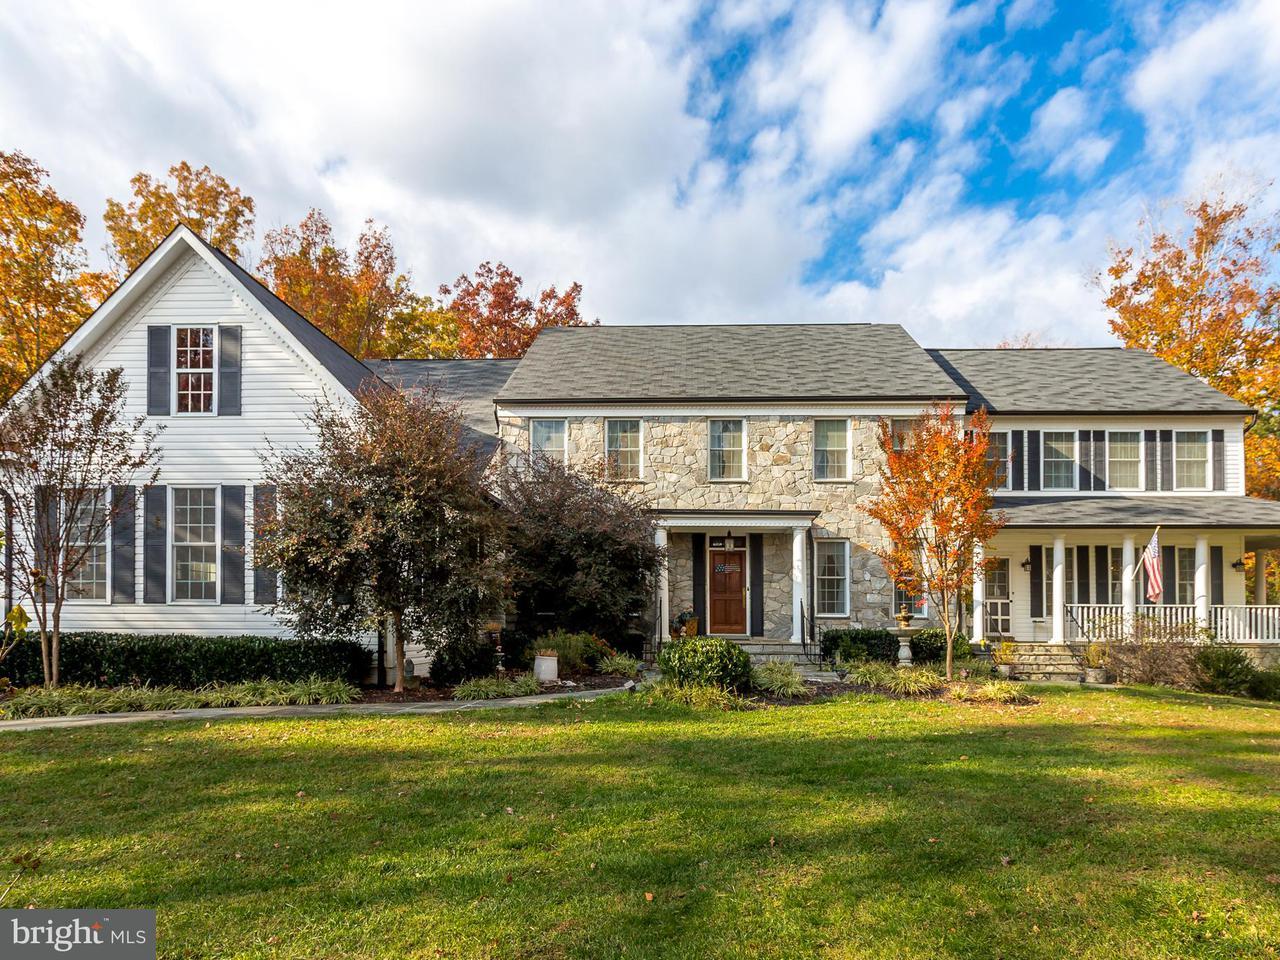 Частный односемейный дом для того Продажа на 100 FALLING CREEK Drive 100 FALLING CREEK Drive Stafford, Виргиния 22554 Соединенные Штаты